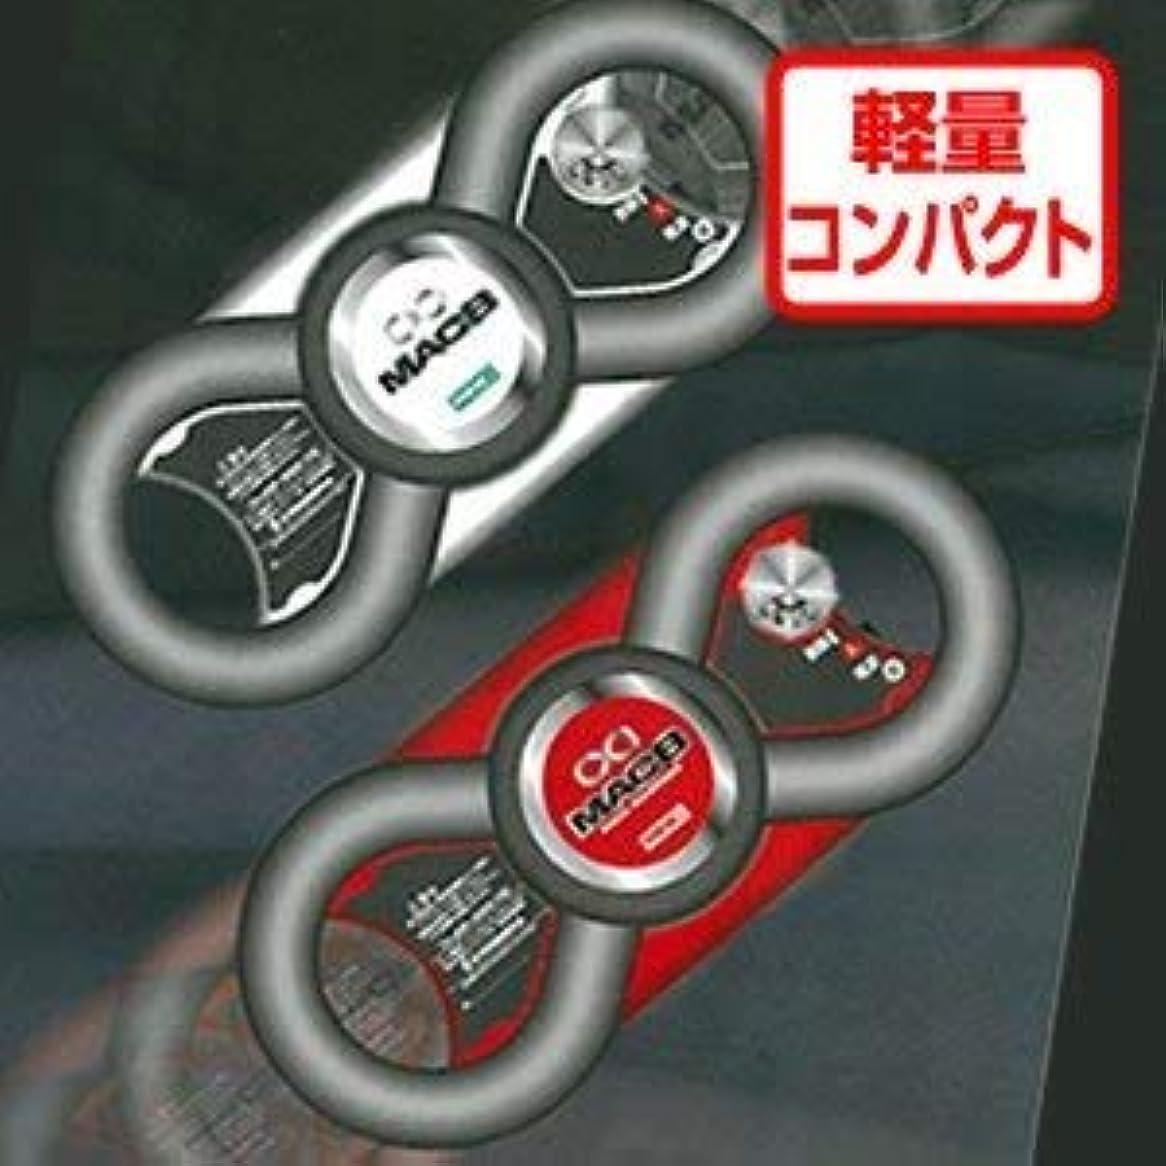 アライメント厳セブンリビックマッサージャーMAC8 ハンディーマッサージャー (赤マック(赤色))